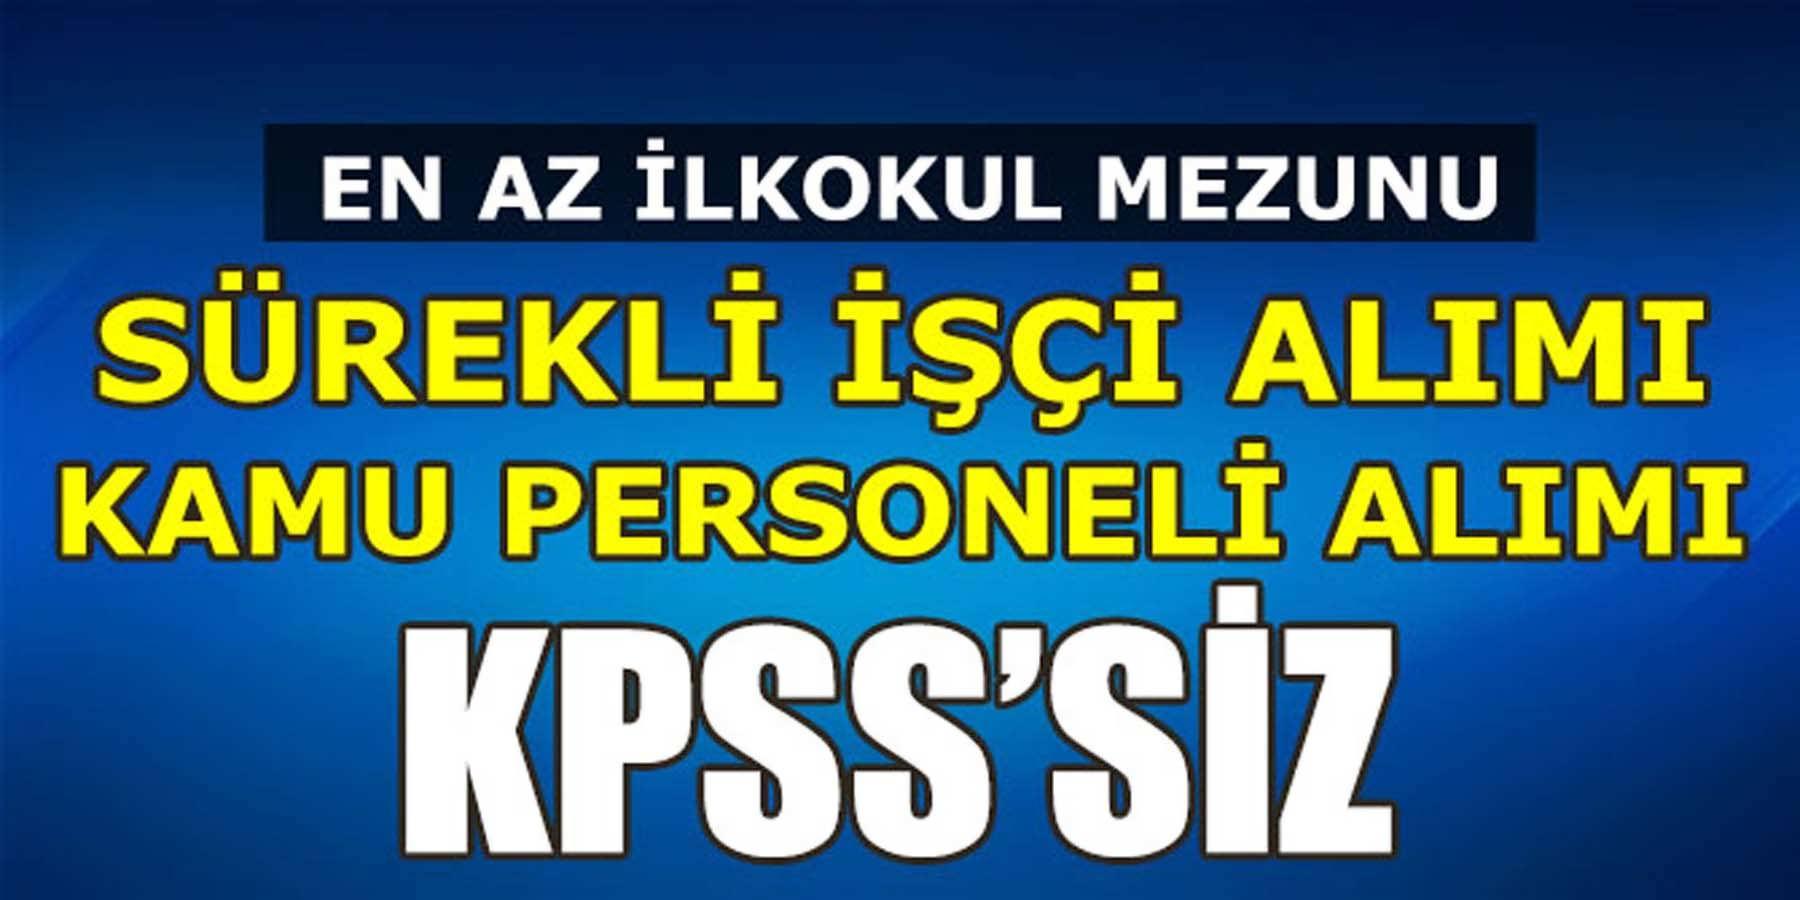 KPSS'SİZ En Az İlkokul Mezun Kamu Personeli Alımı (Sürekli İşçi)